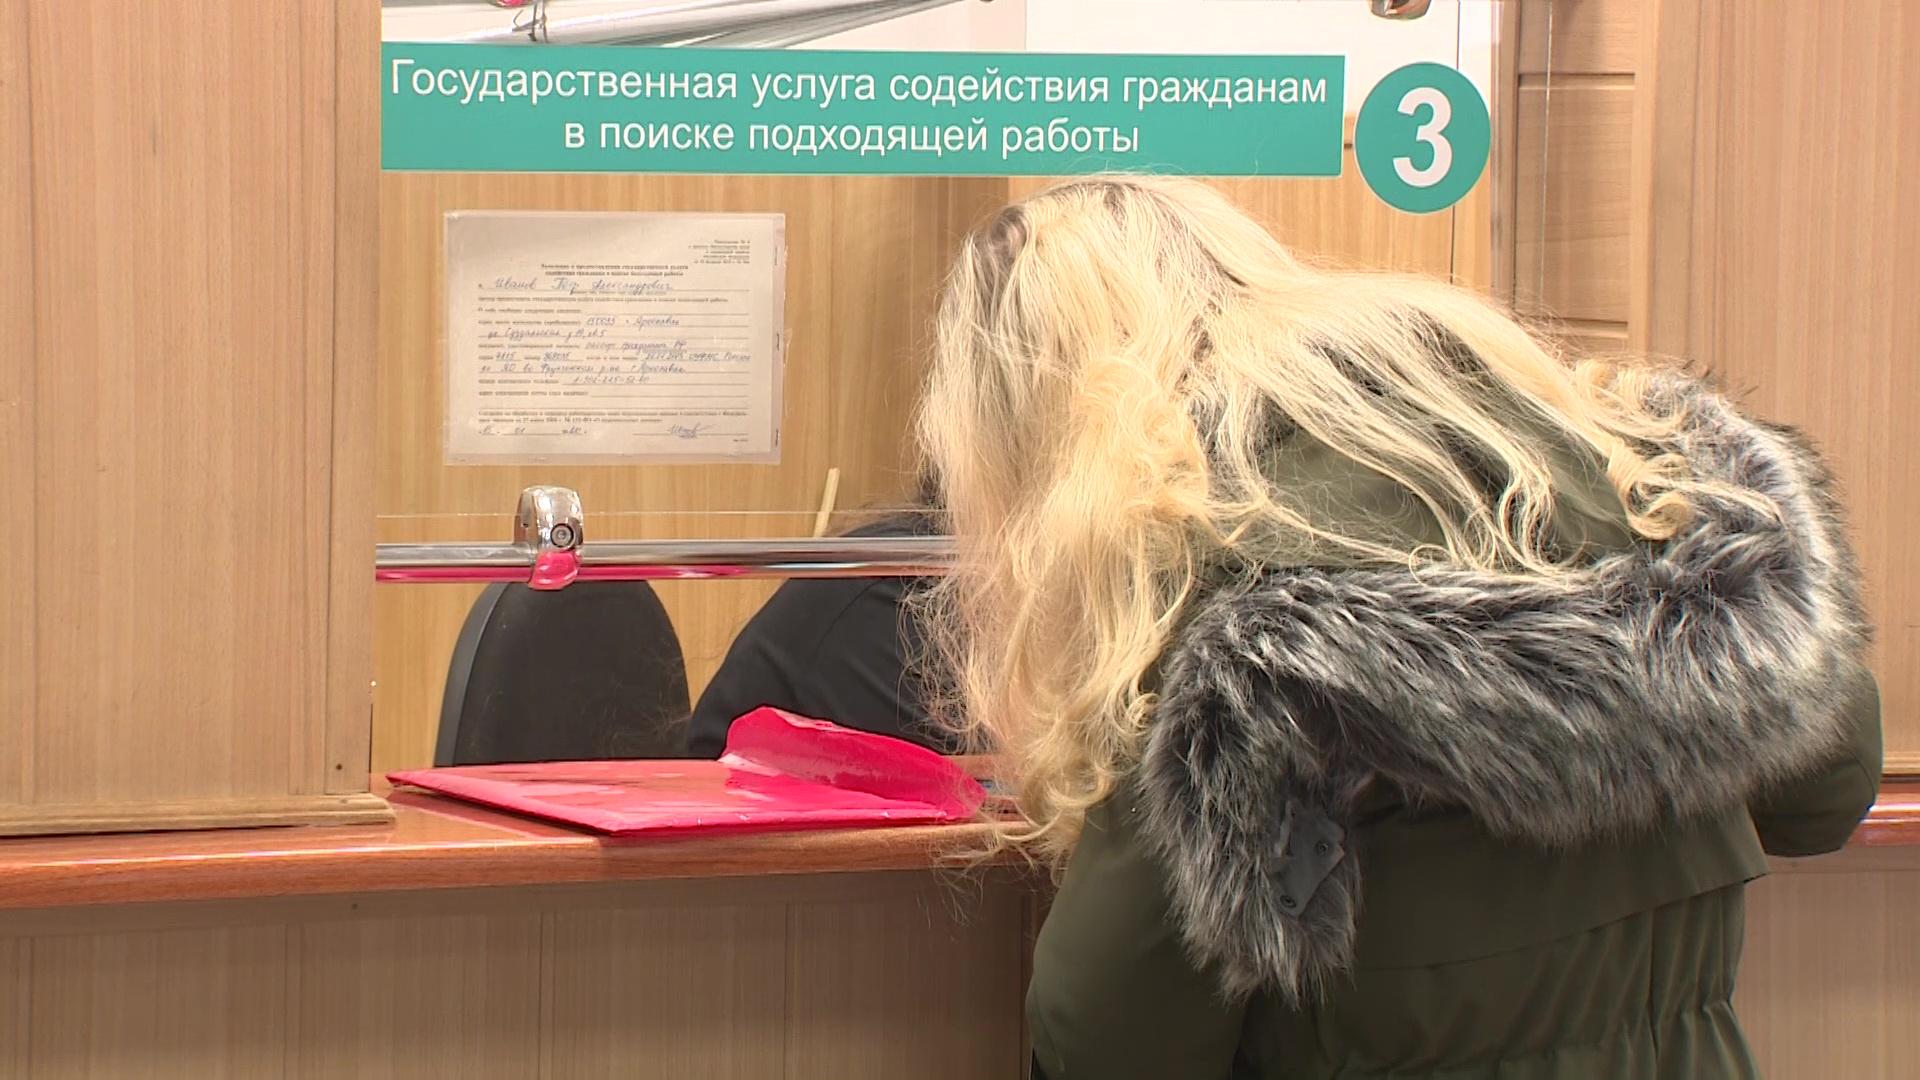 В ярославском центре занятости усилили режим дезинфекции и нанесли разметку для людей